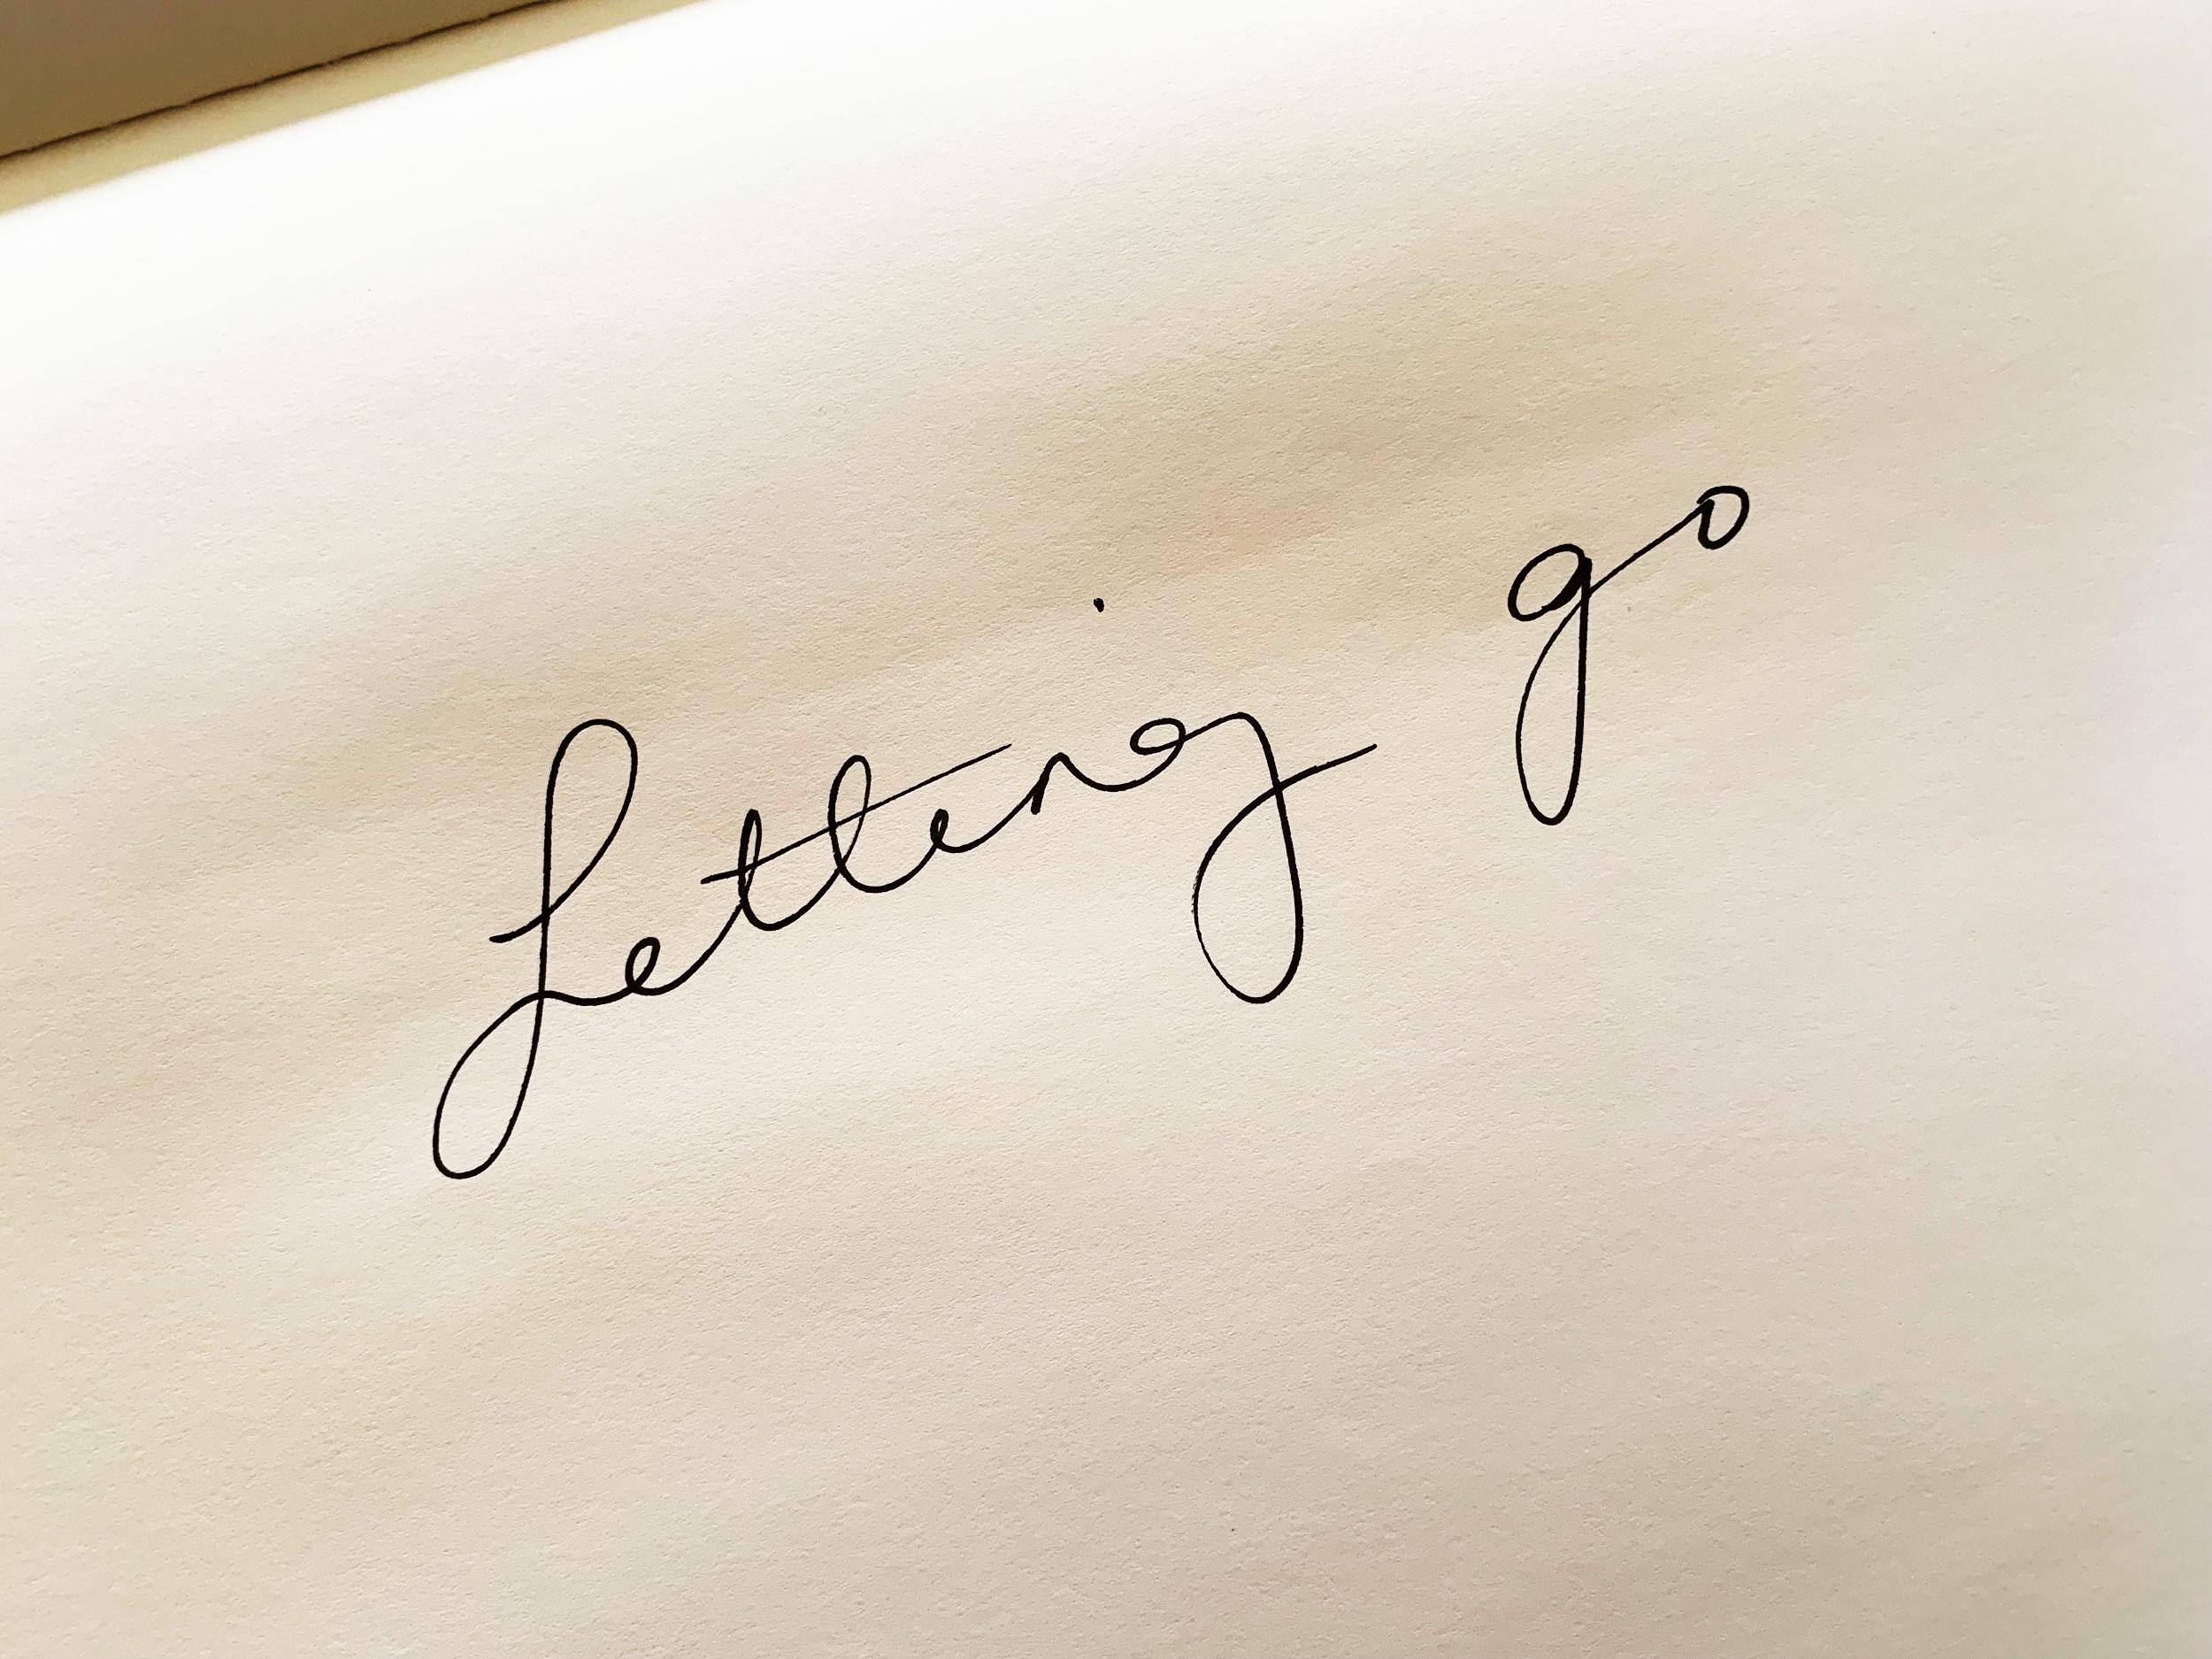 Letting go. Drawing Luke Hockley.